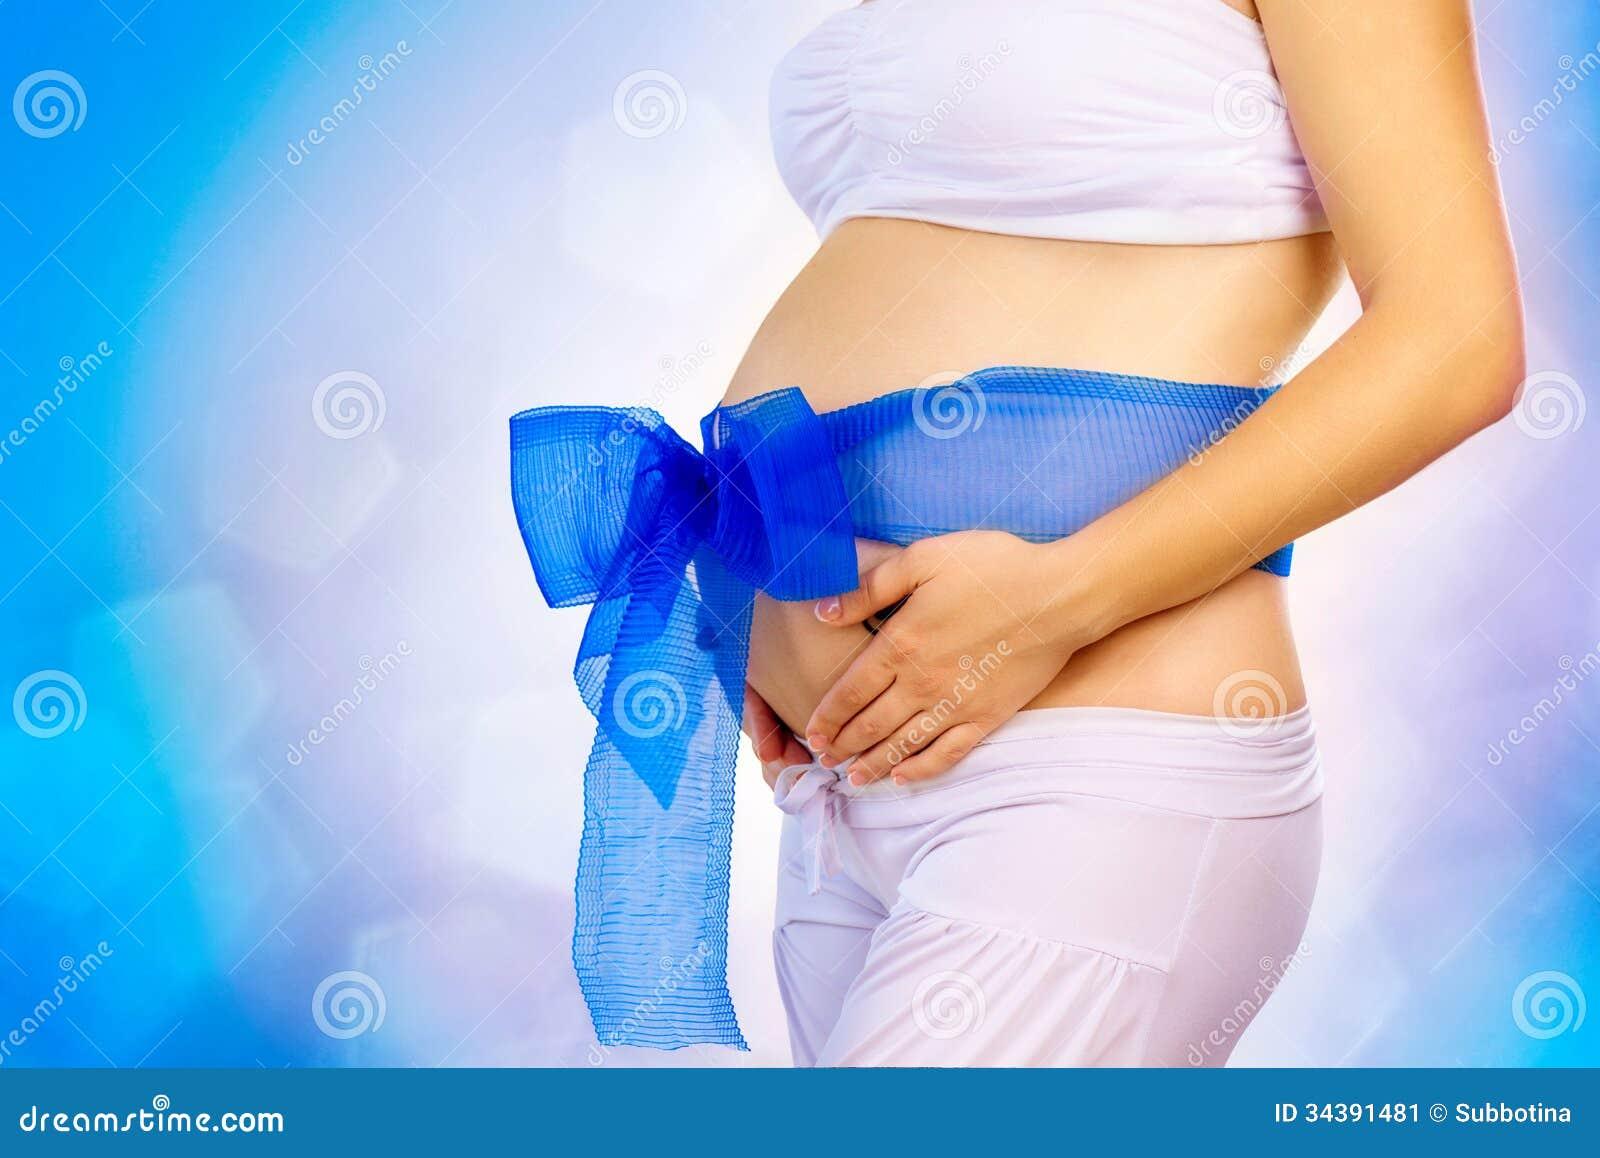 孕妇腹部.怀孕概念.图片